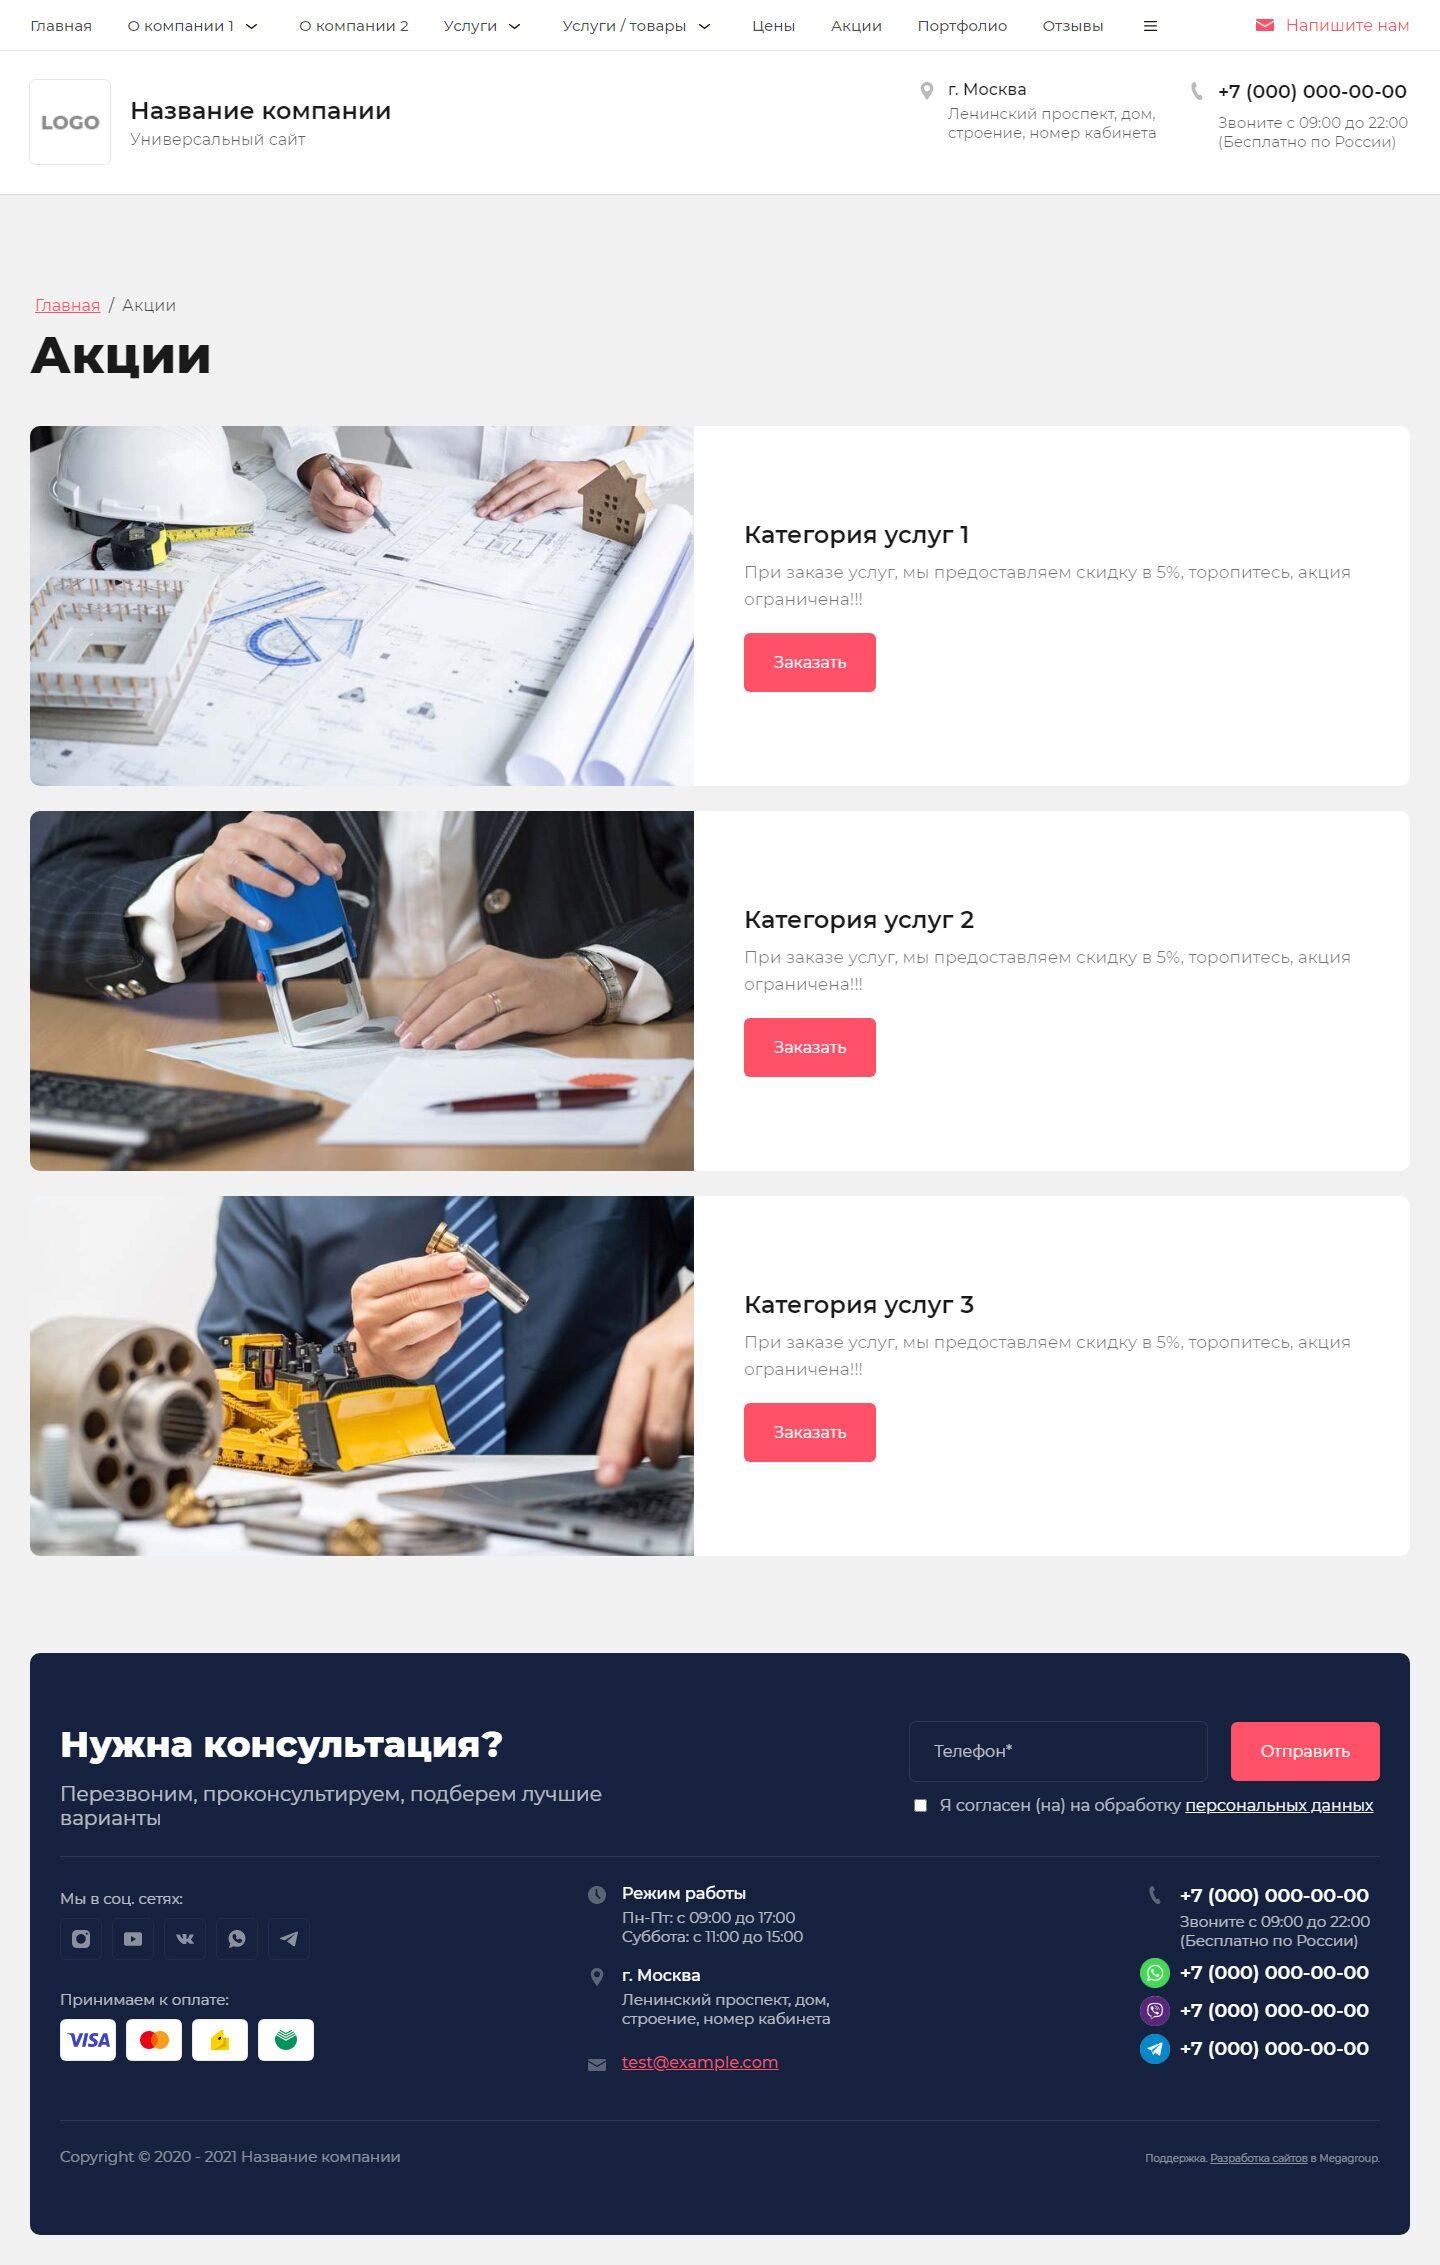 Готовый Сайт-Бизнес #2774429 - Универсальный дизайн (Акции)